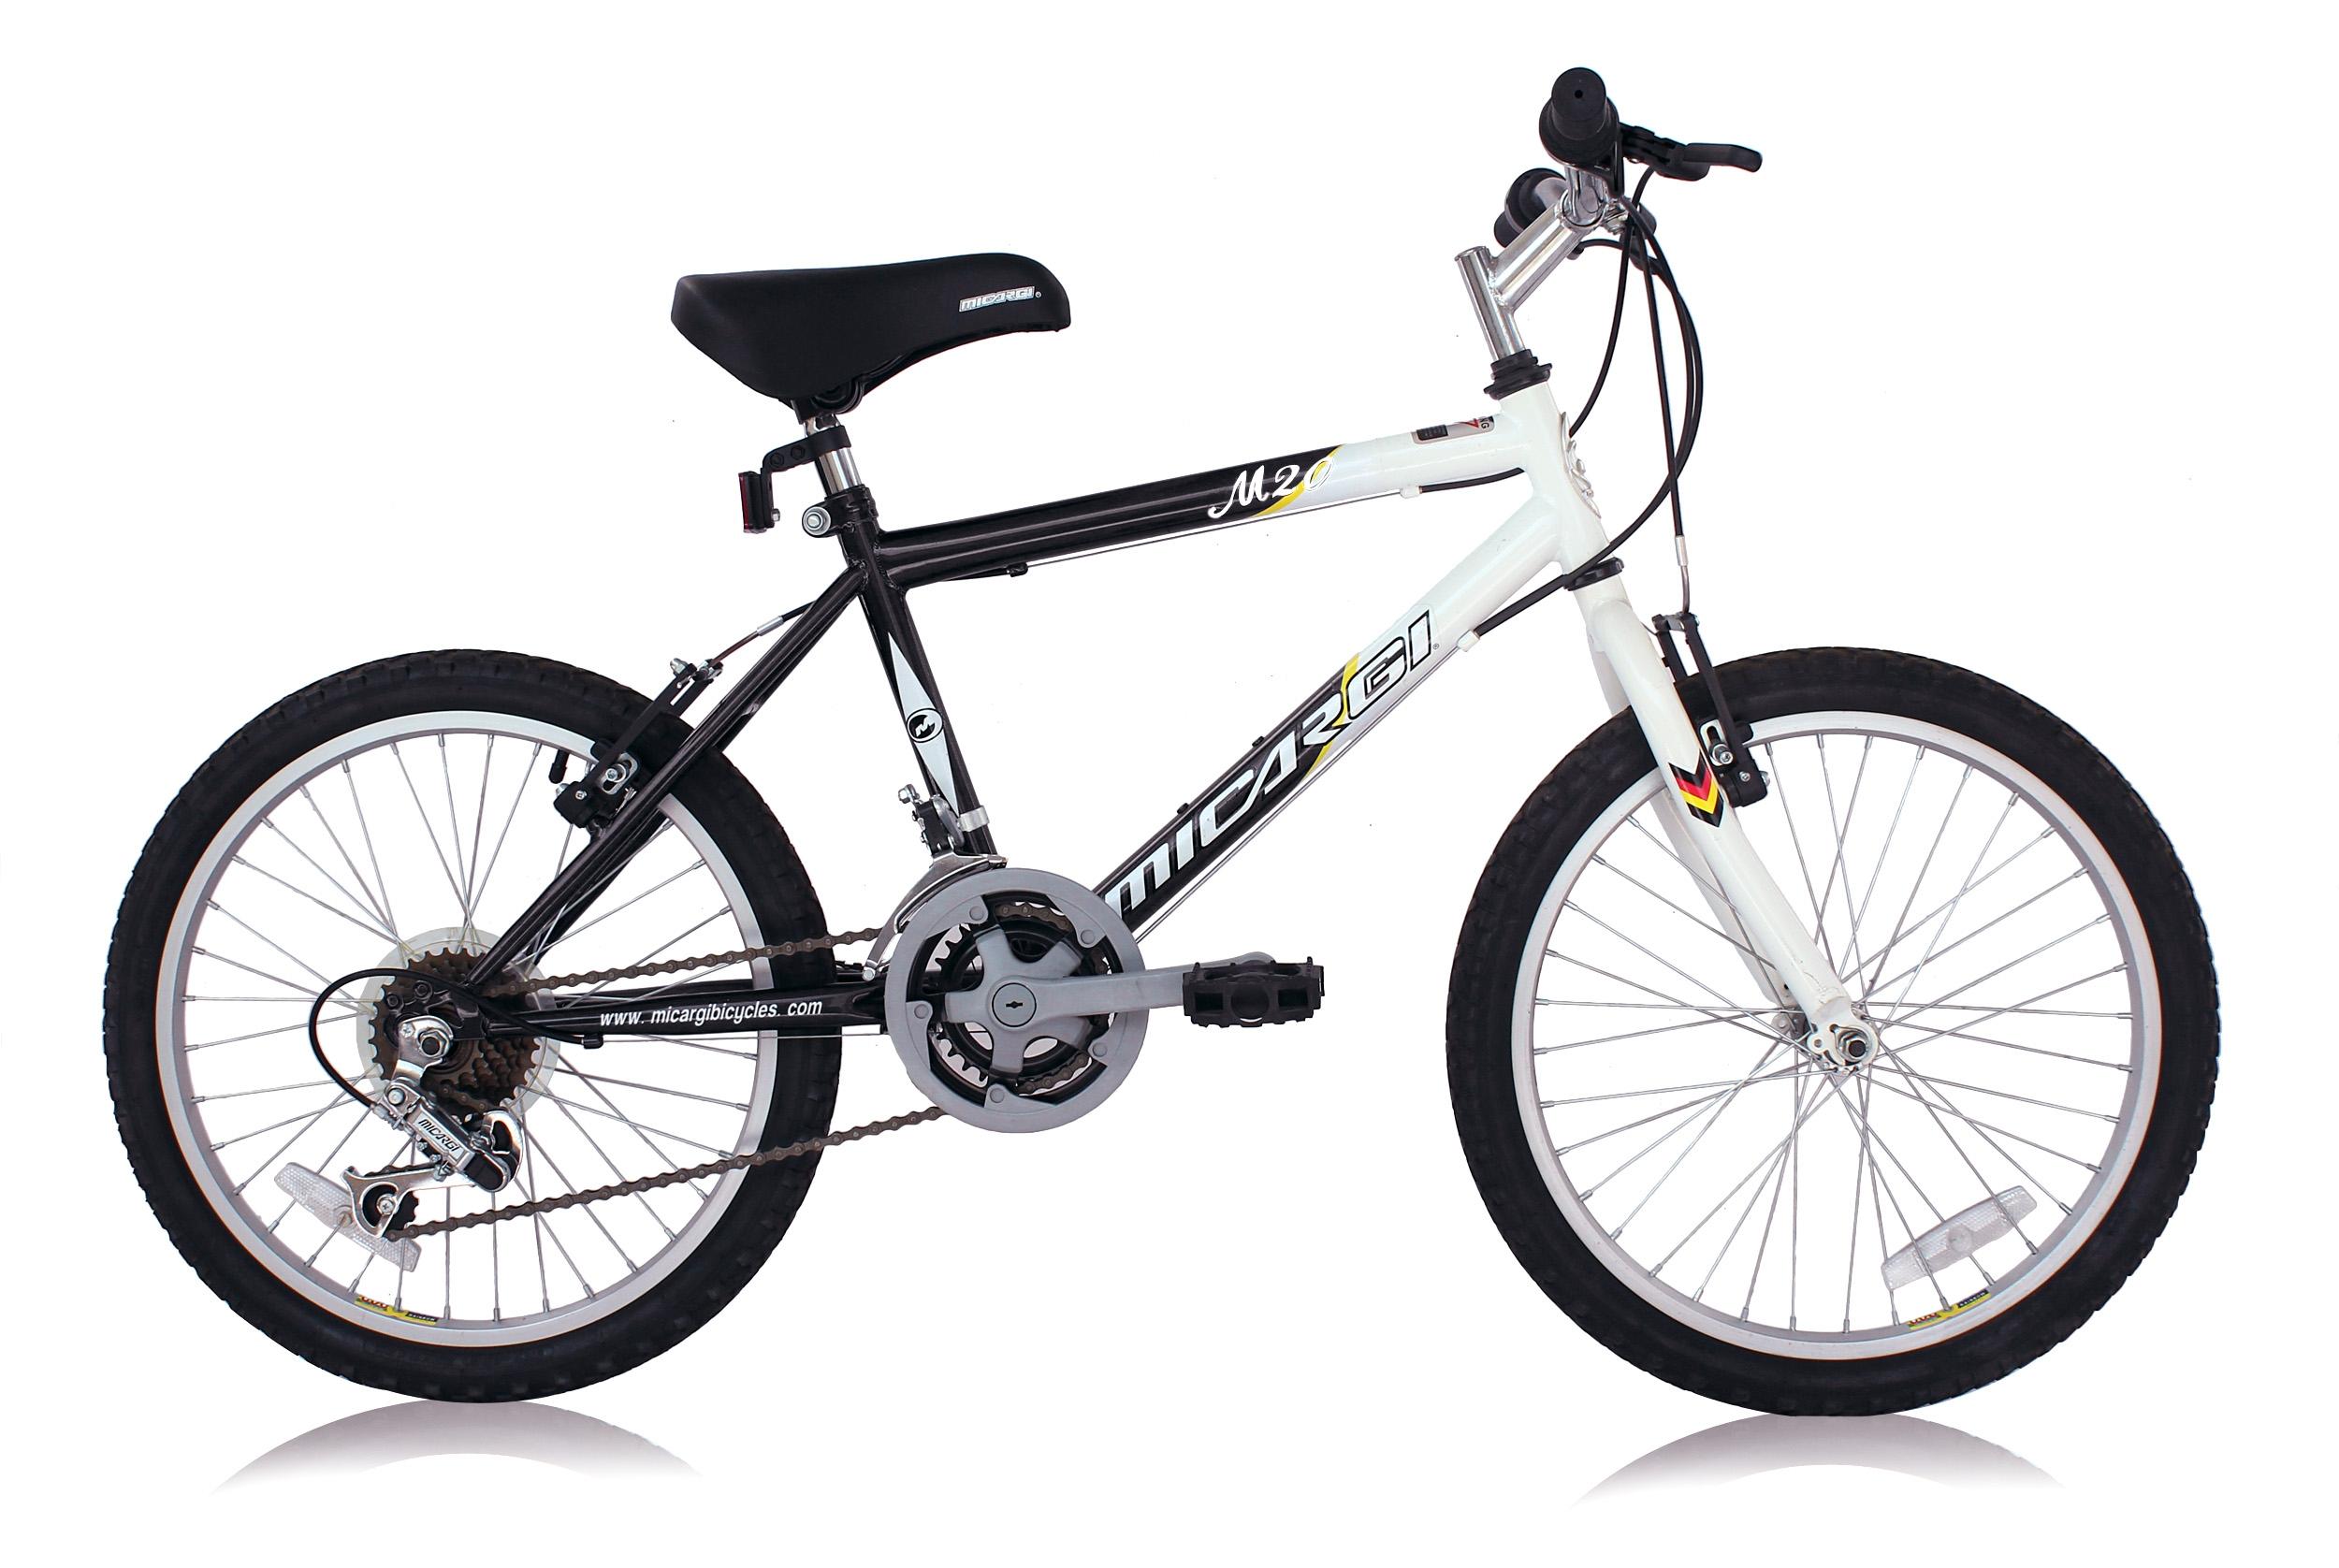 Micargi M20 Men's 7 Speed Mountain Bike